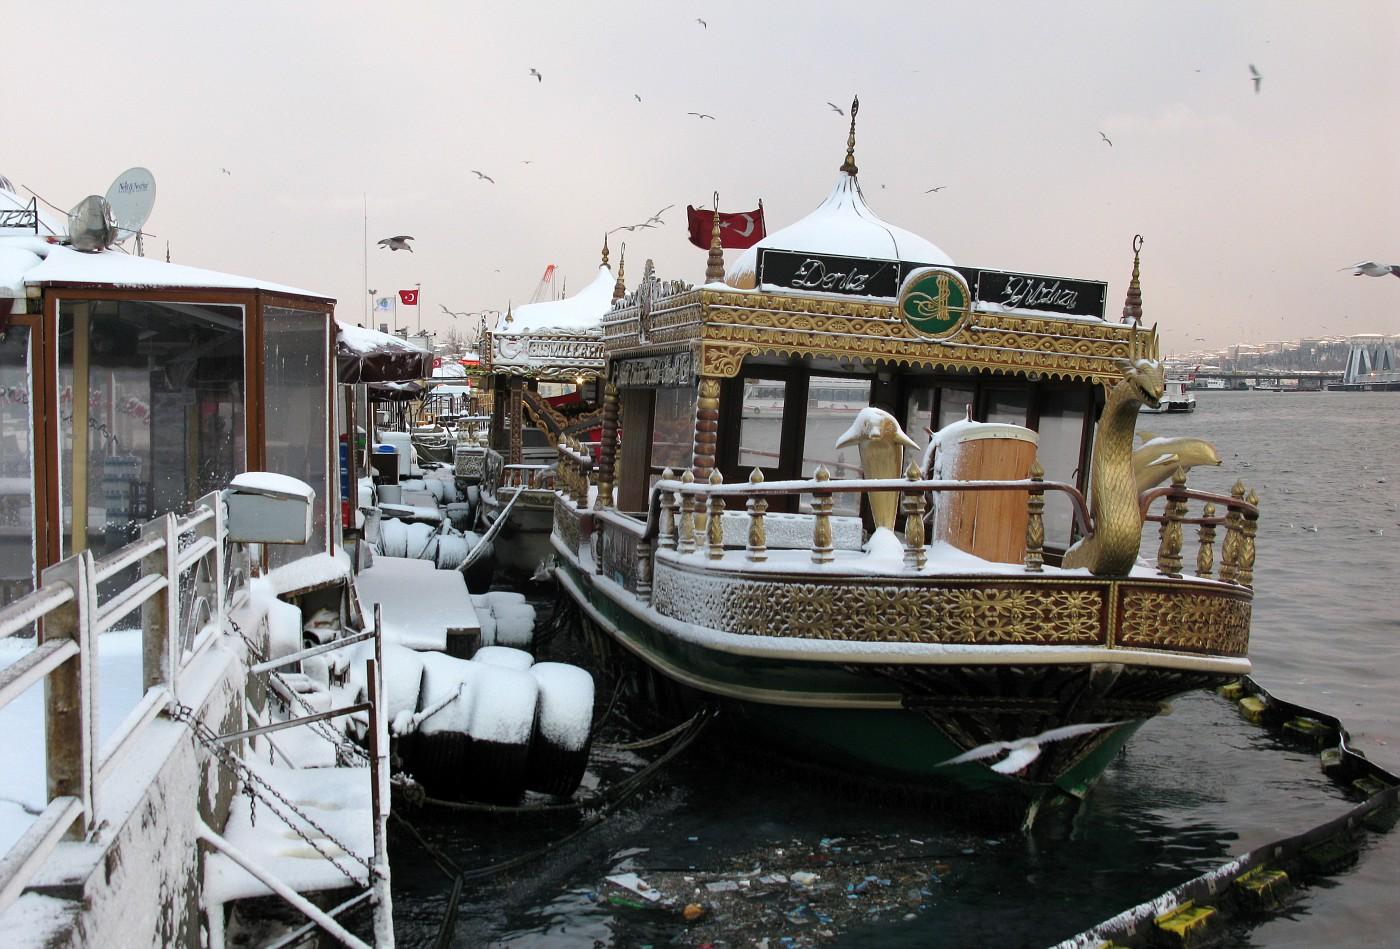 Balik Ekmek boat